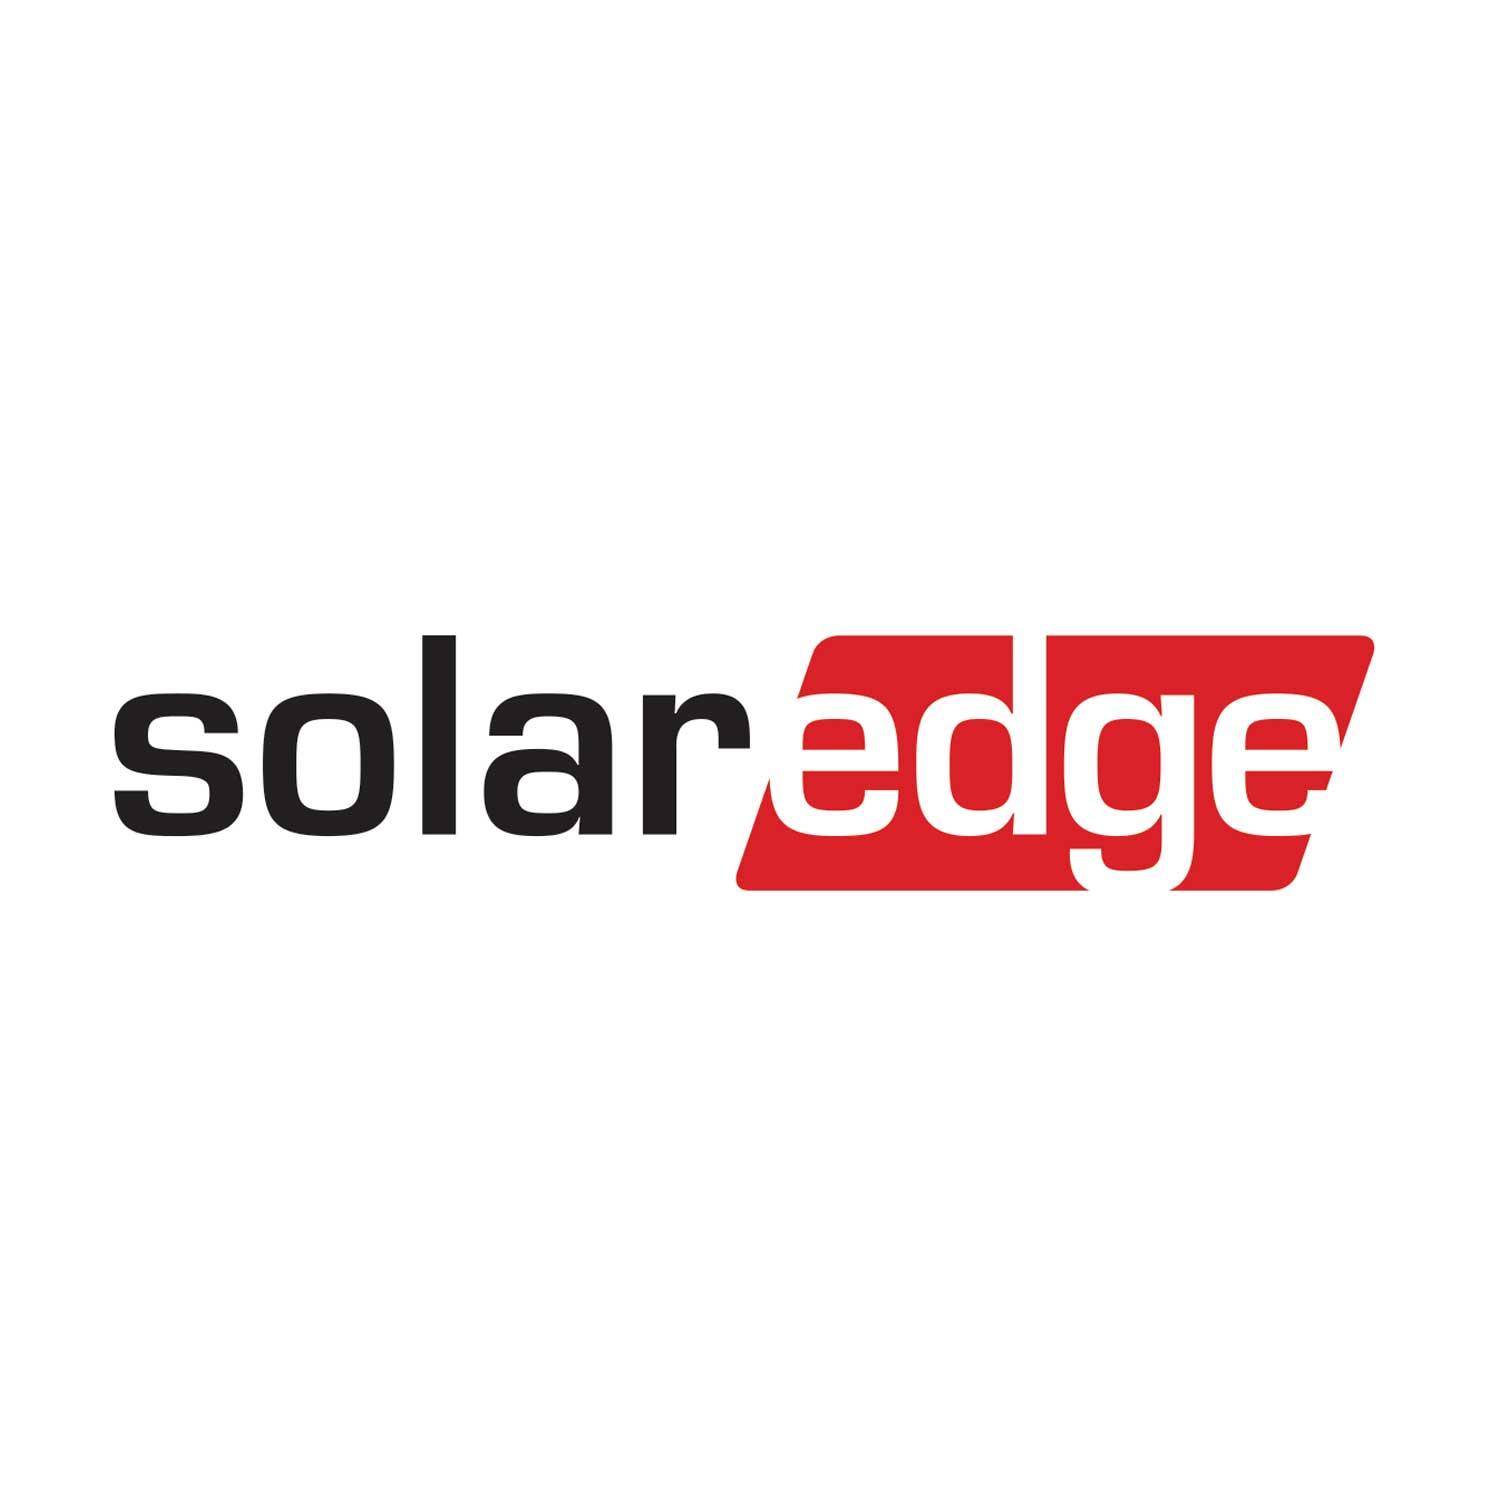 SolarEdge2_OV.jpg